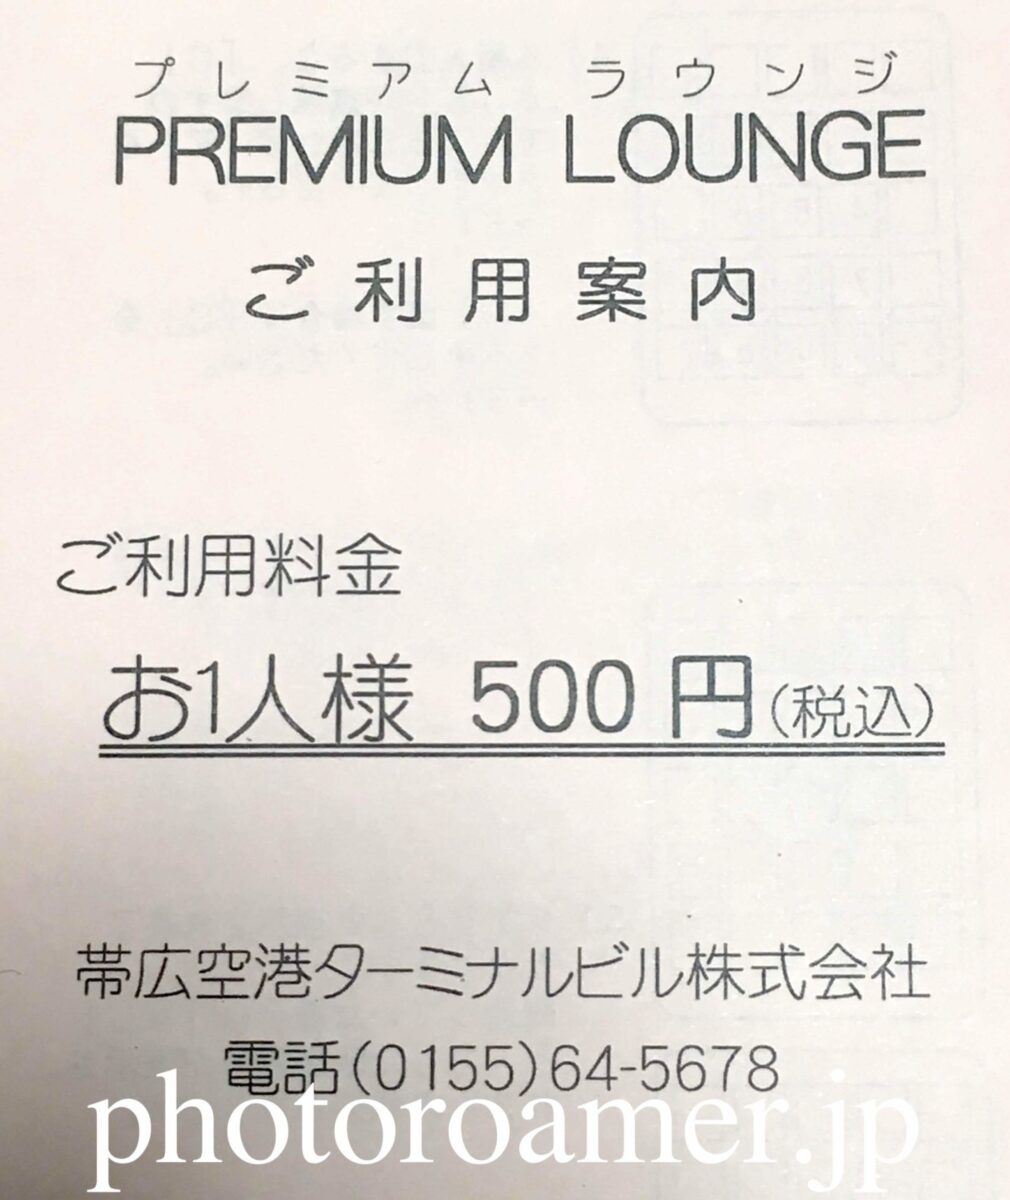 帯広空港プレミアムラウンジ 料金 500円